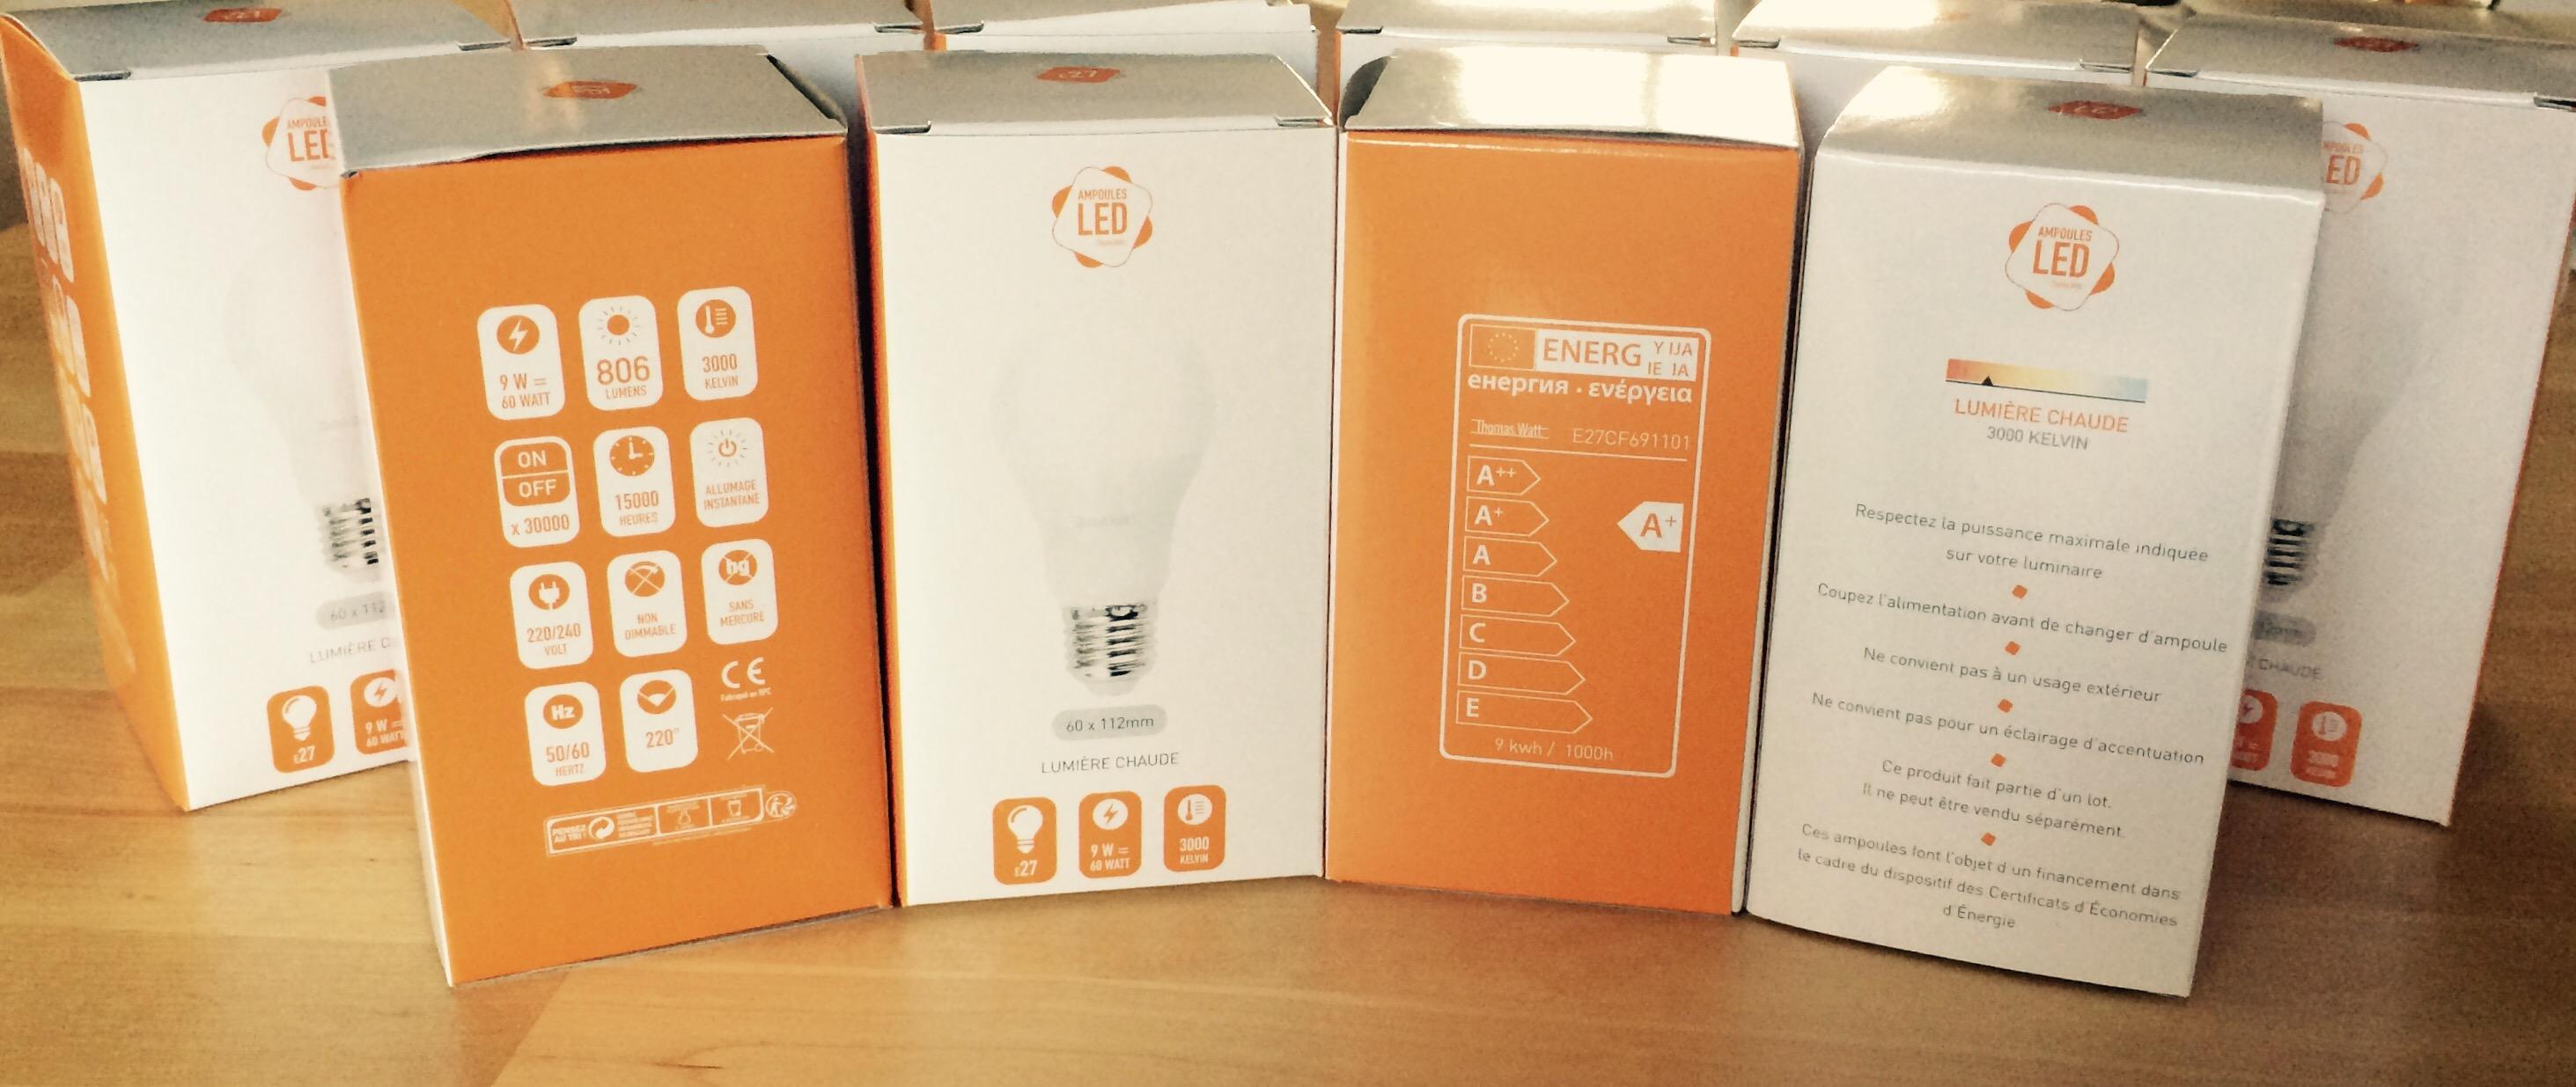 Jai-reçu-mes-ampoules-gratuites